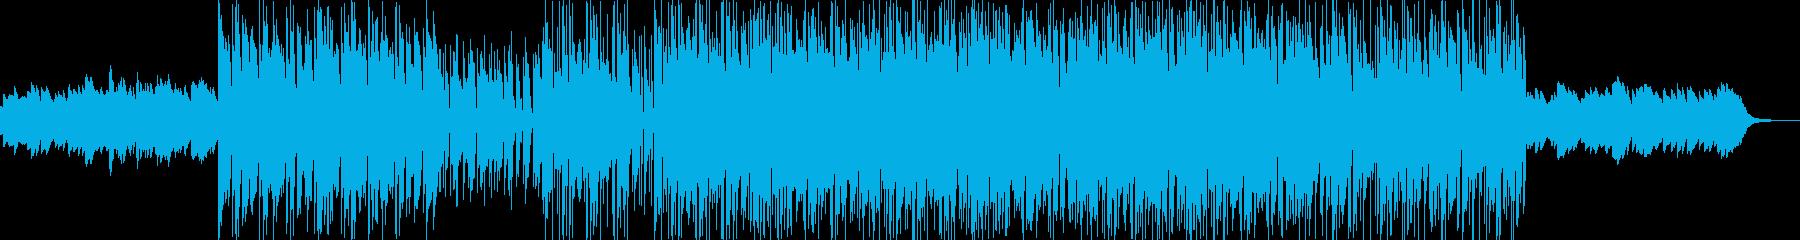 明るく前向きなムードのポップスの再生済みの波形